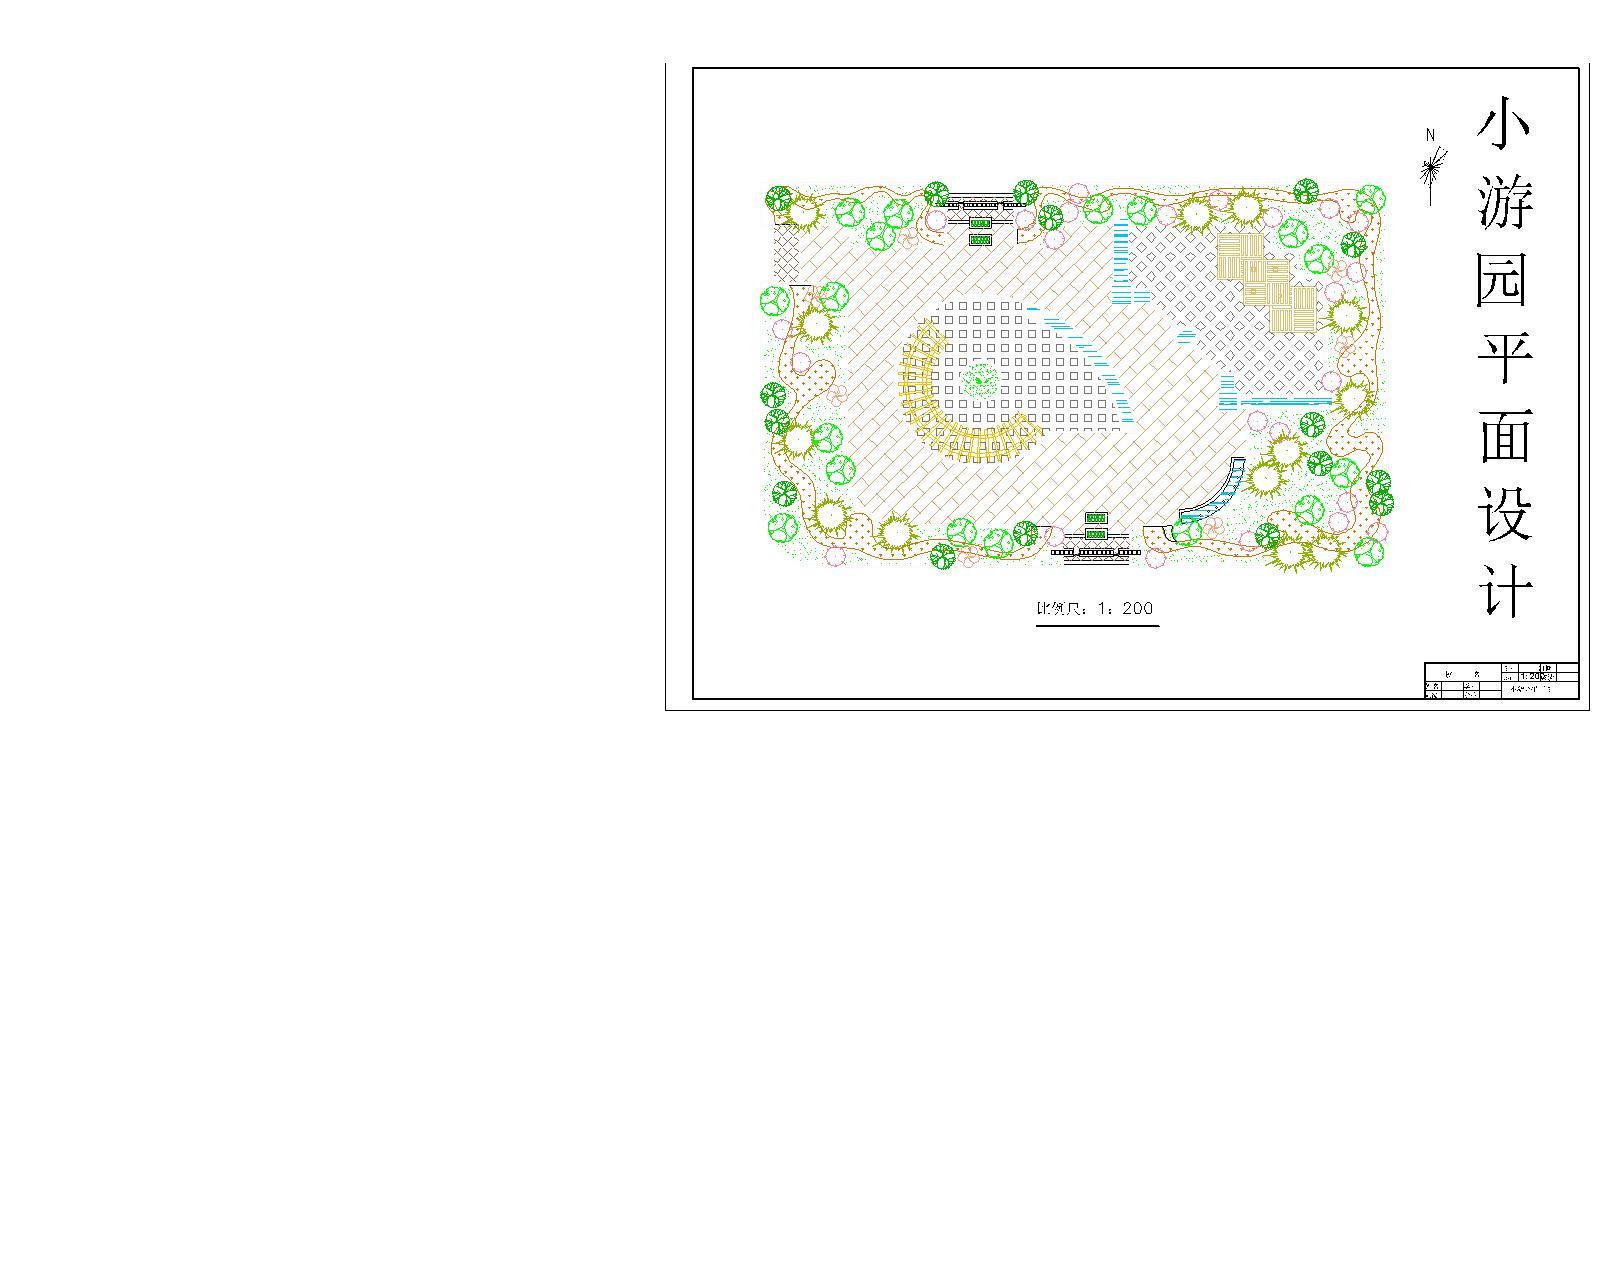 小游园平面图_cad图纸下载-土木在线